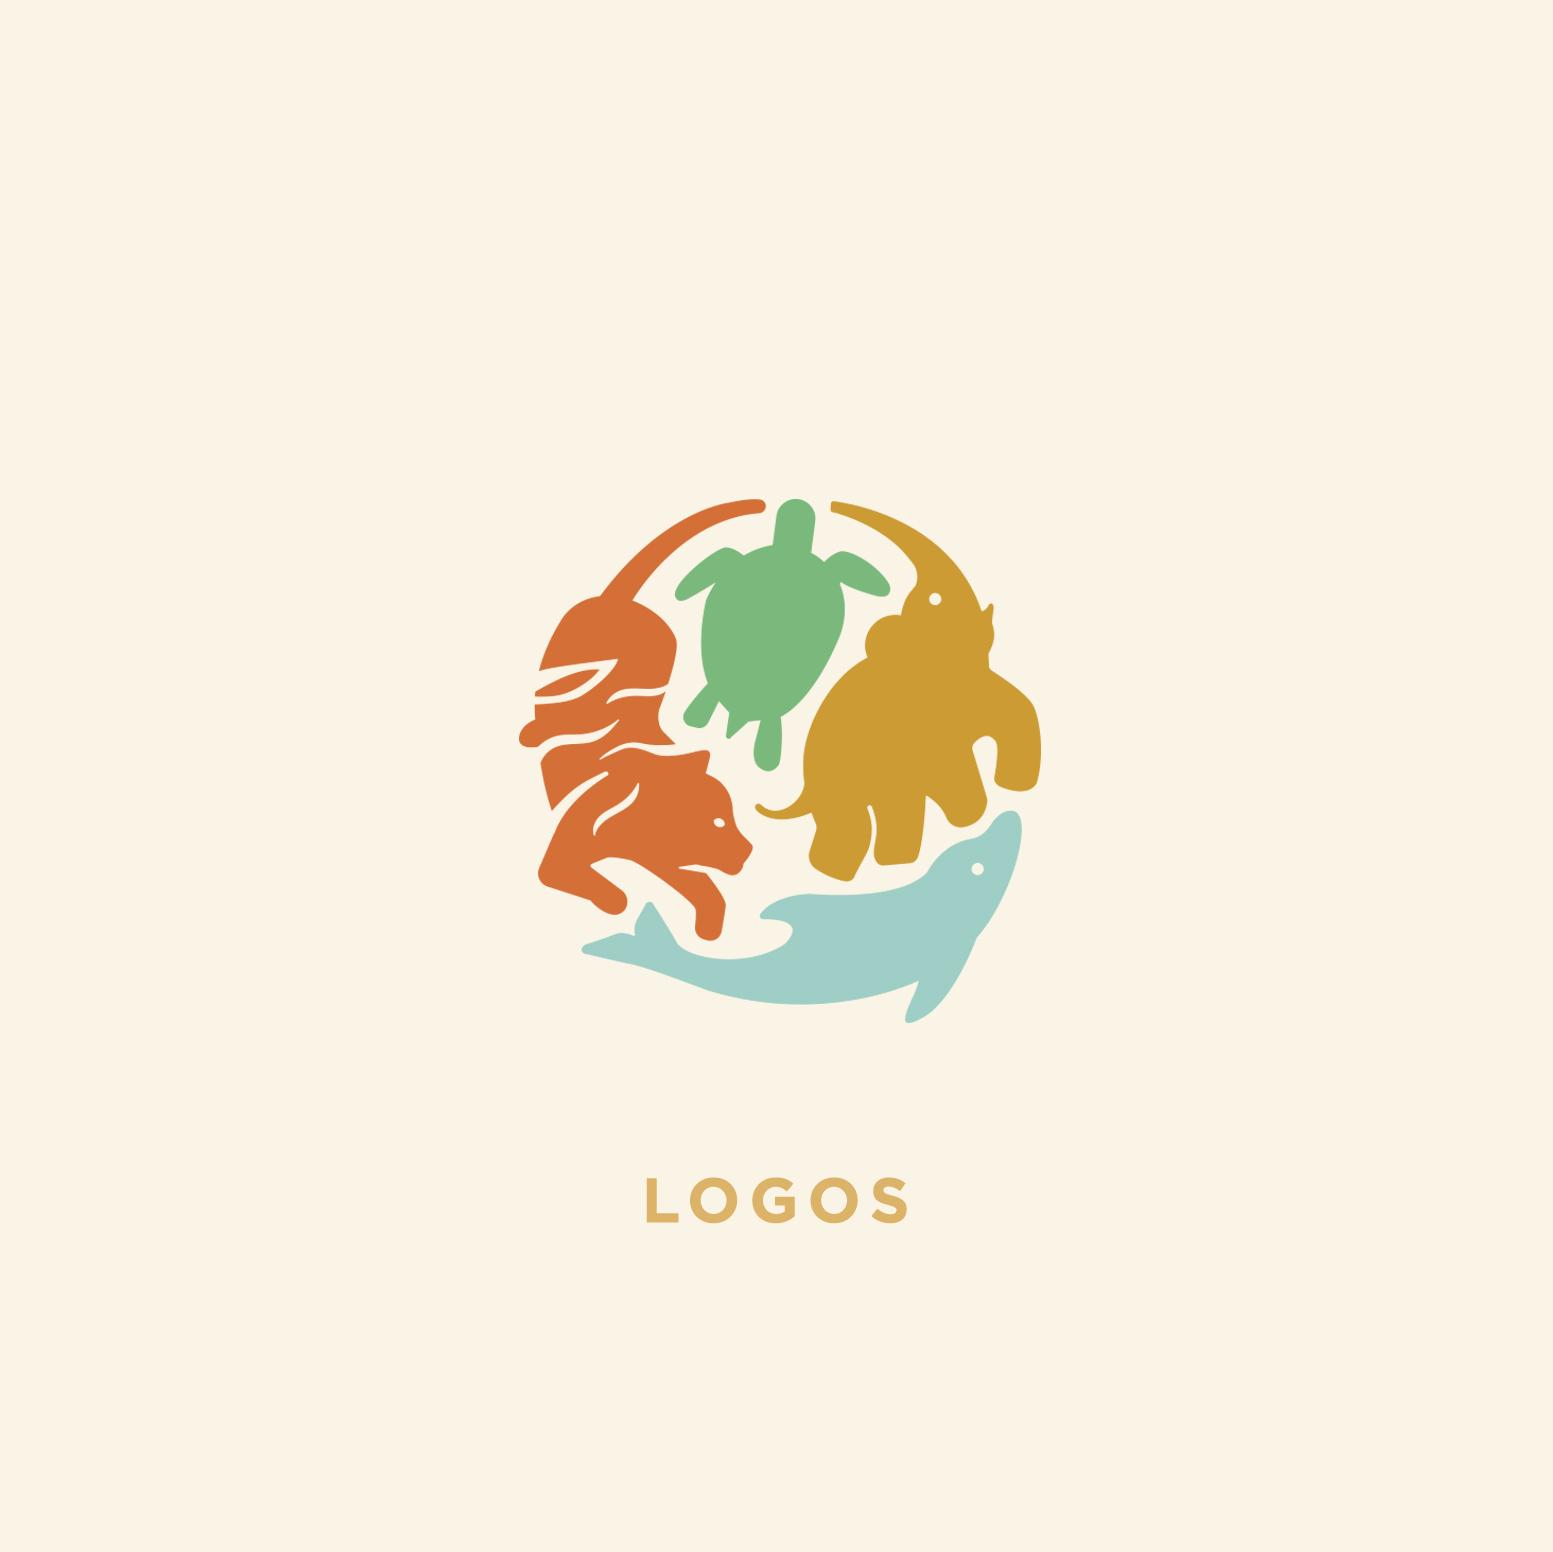 logos_thumbnail_updated3.jpg